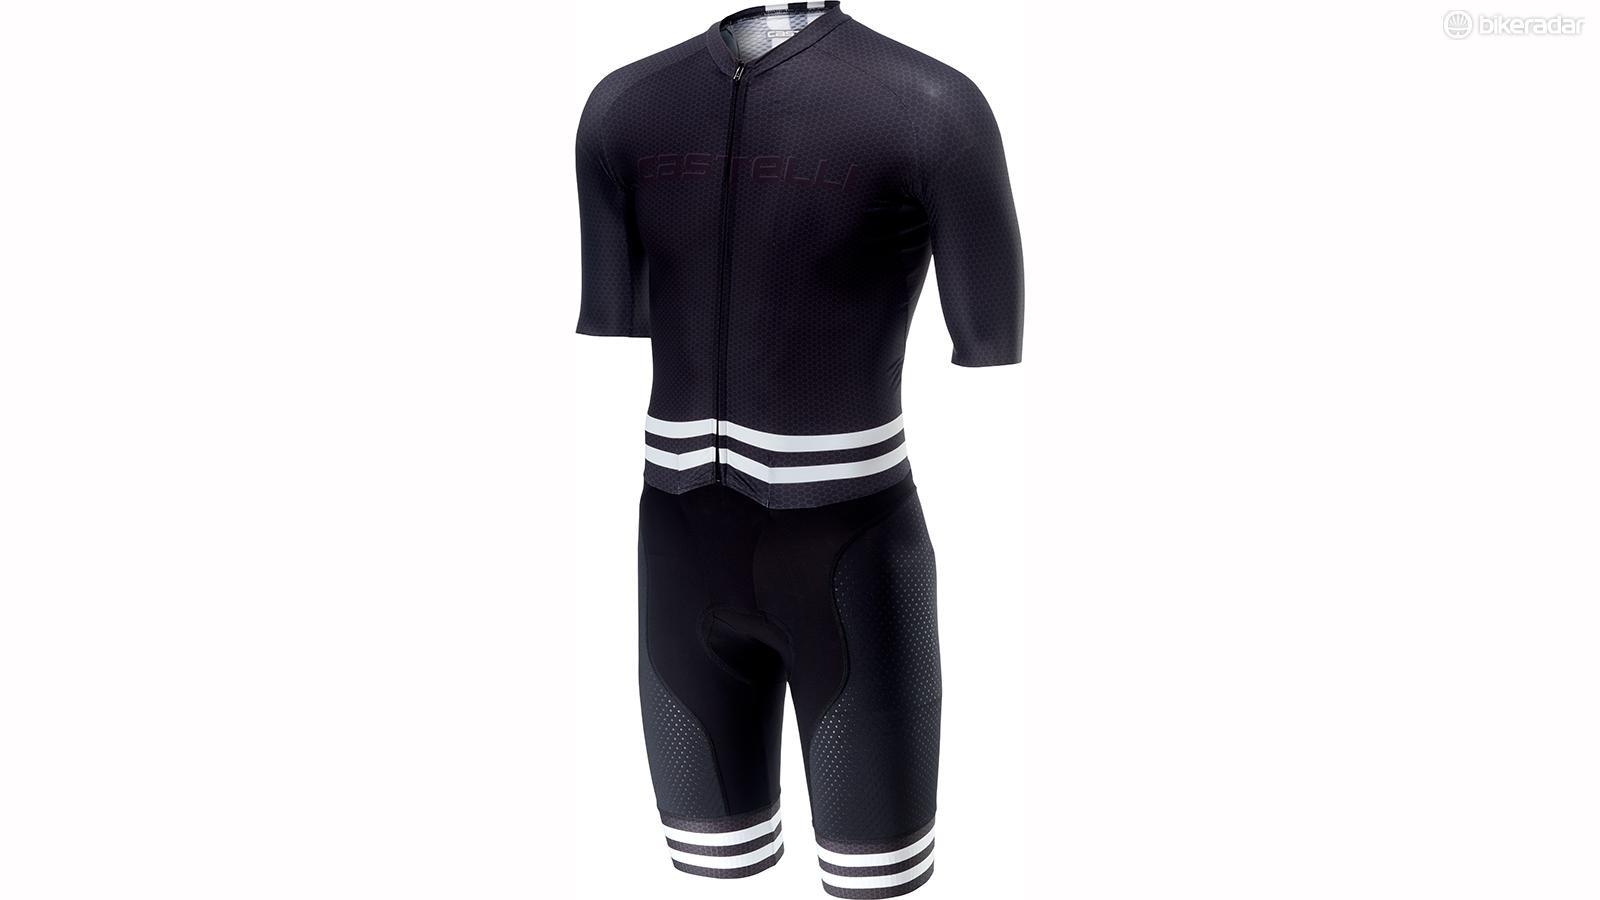 Castelli's Sanremo 4.0 speed suit